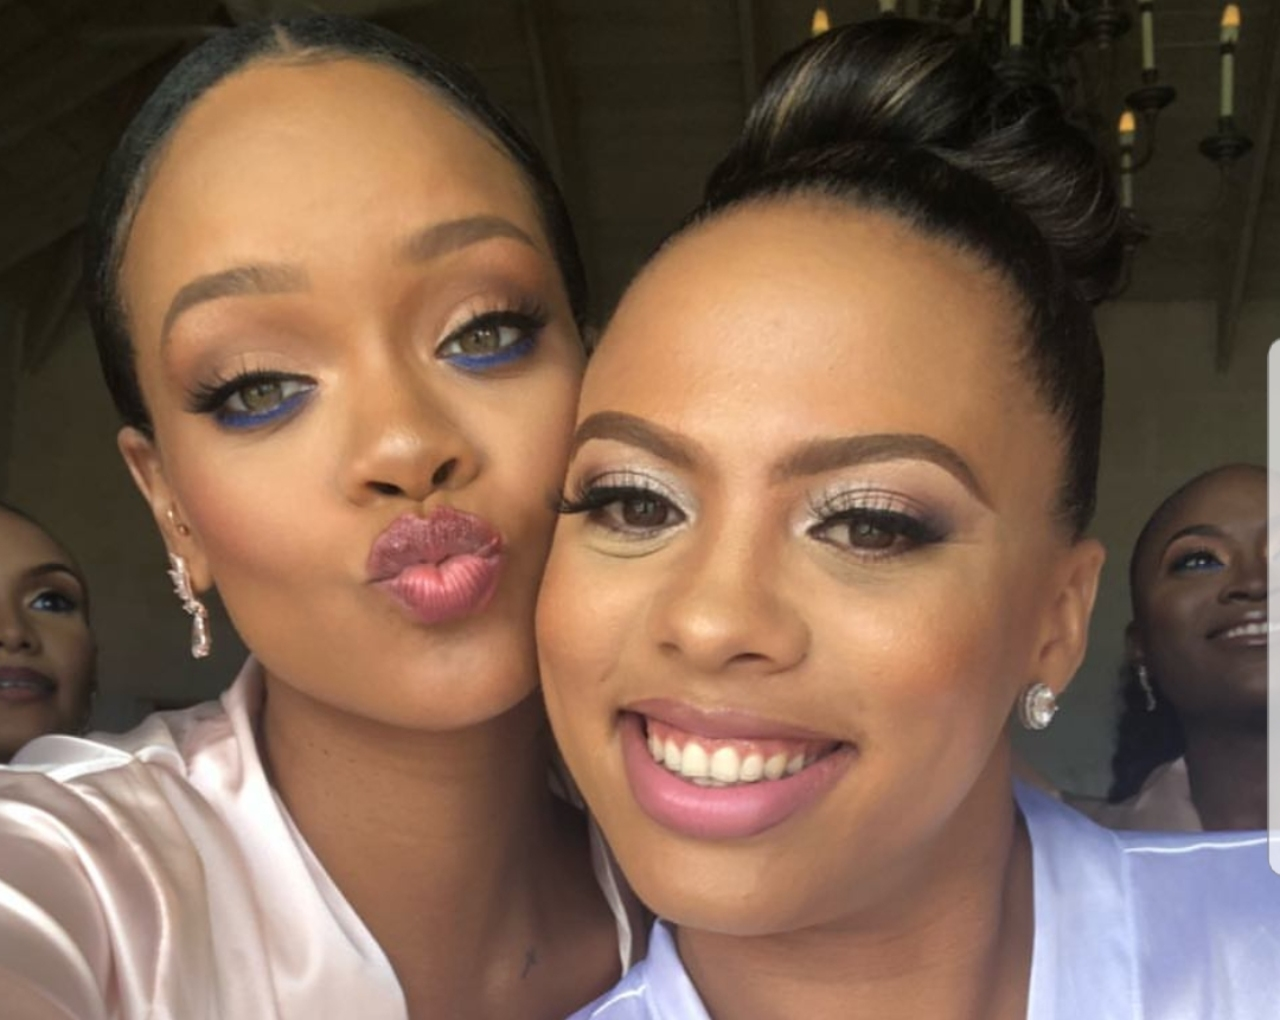 Robyn 'Rihanna' Fenty and Sonita Alexander.